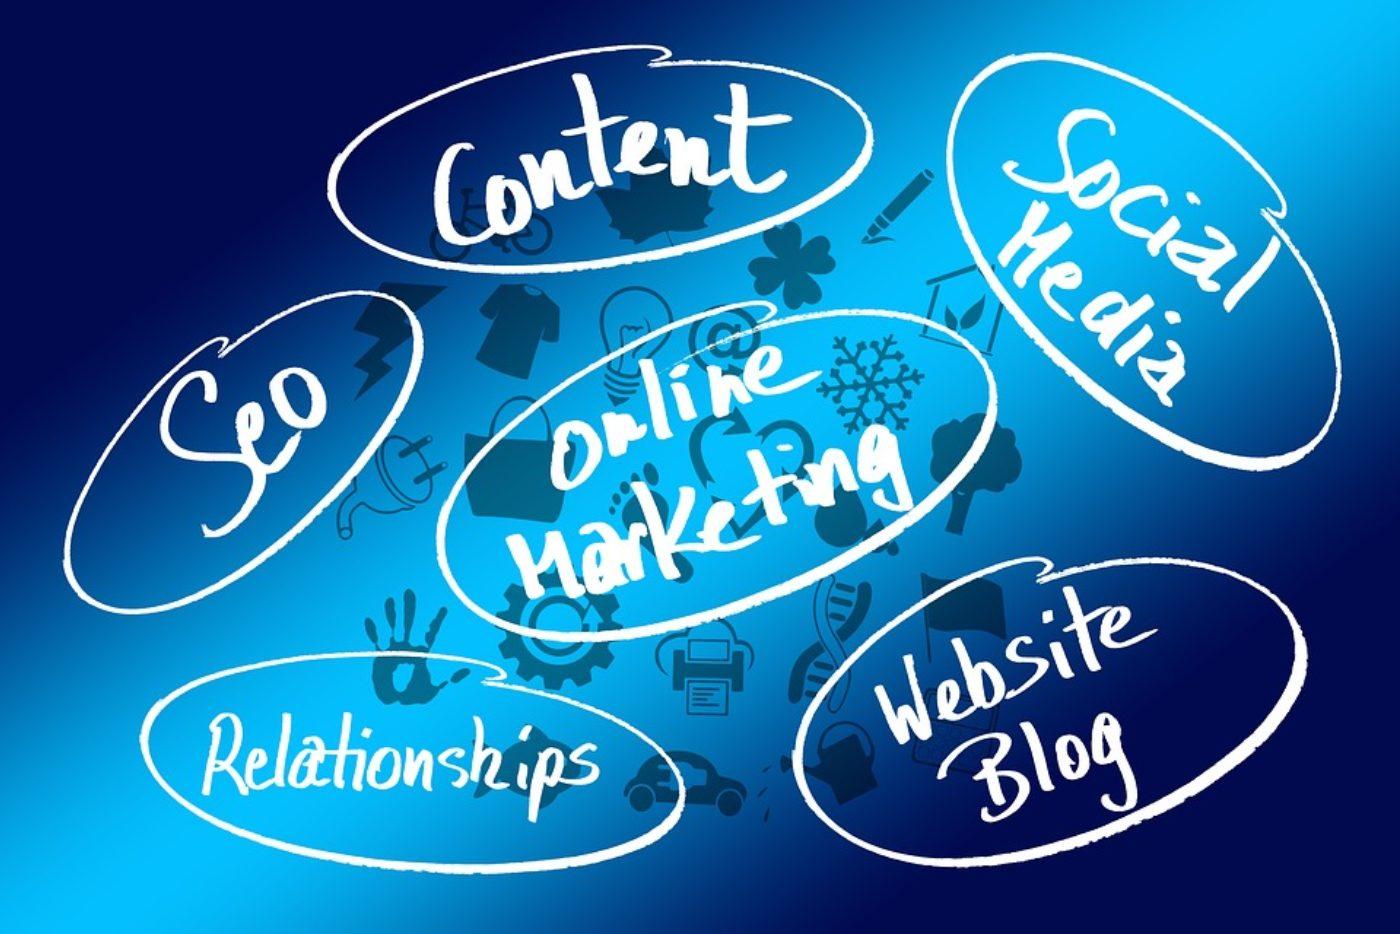 Мероприятия: Мастер-класс «Интернет-маркетинг: как увеличить продажи в сети»